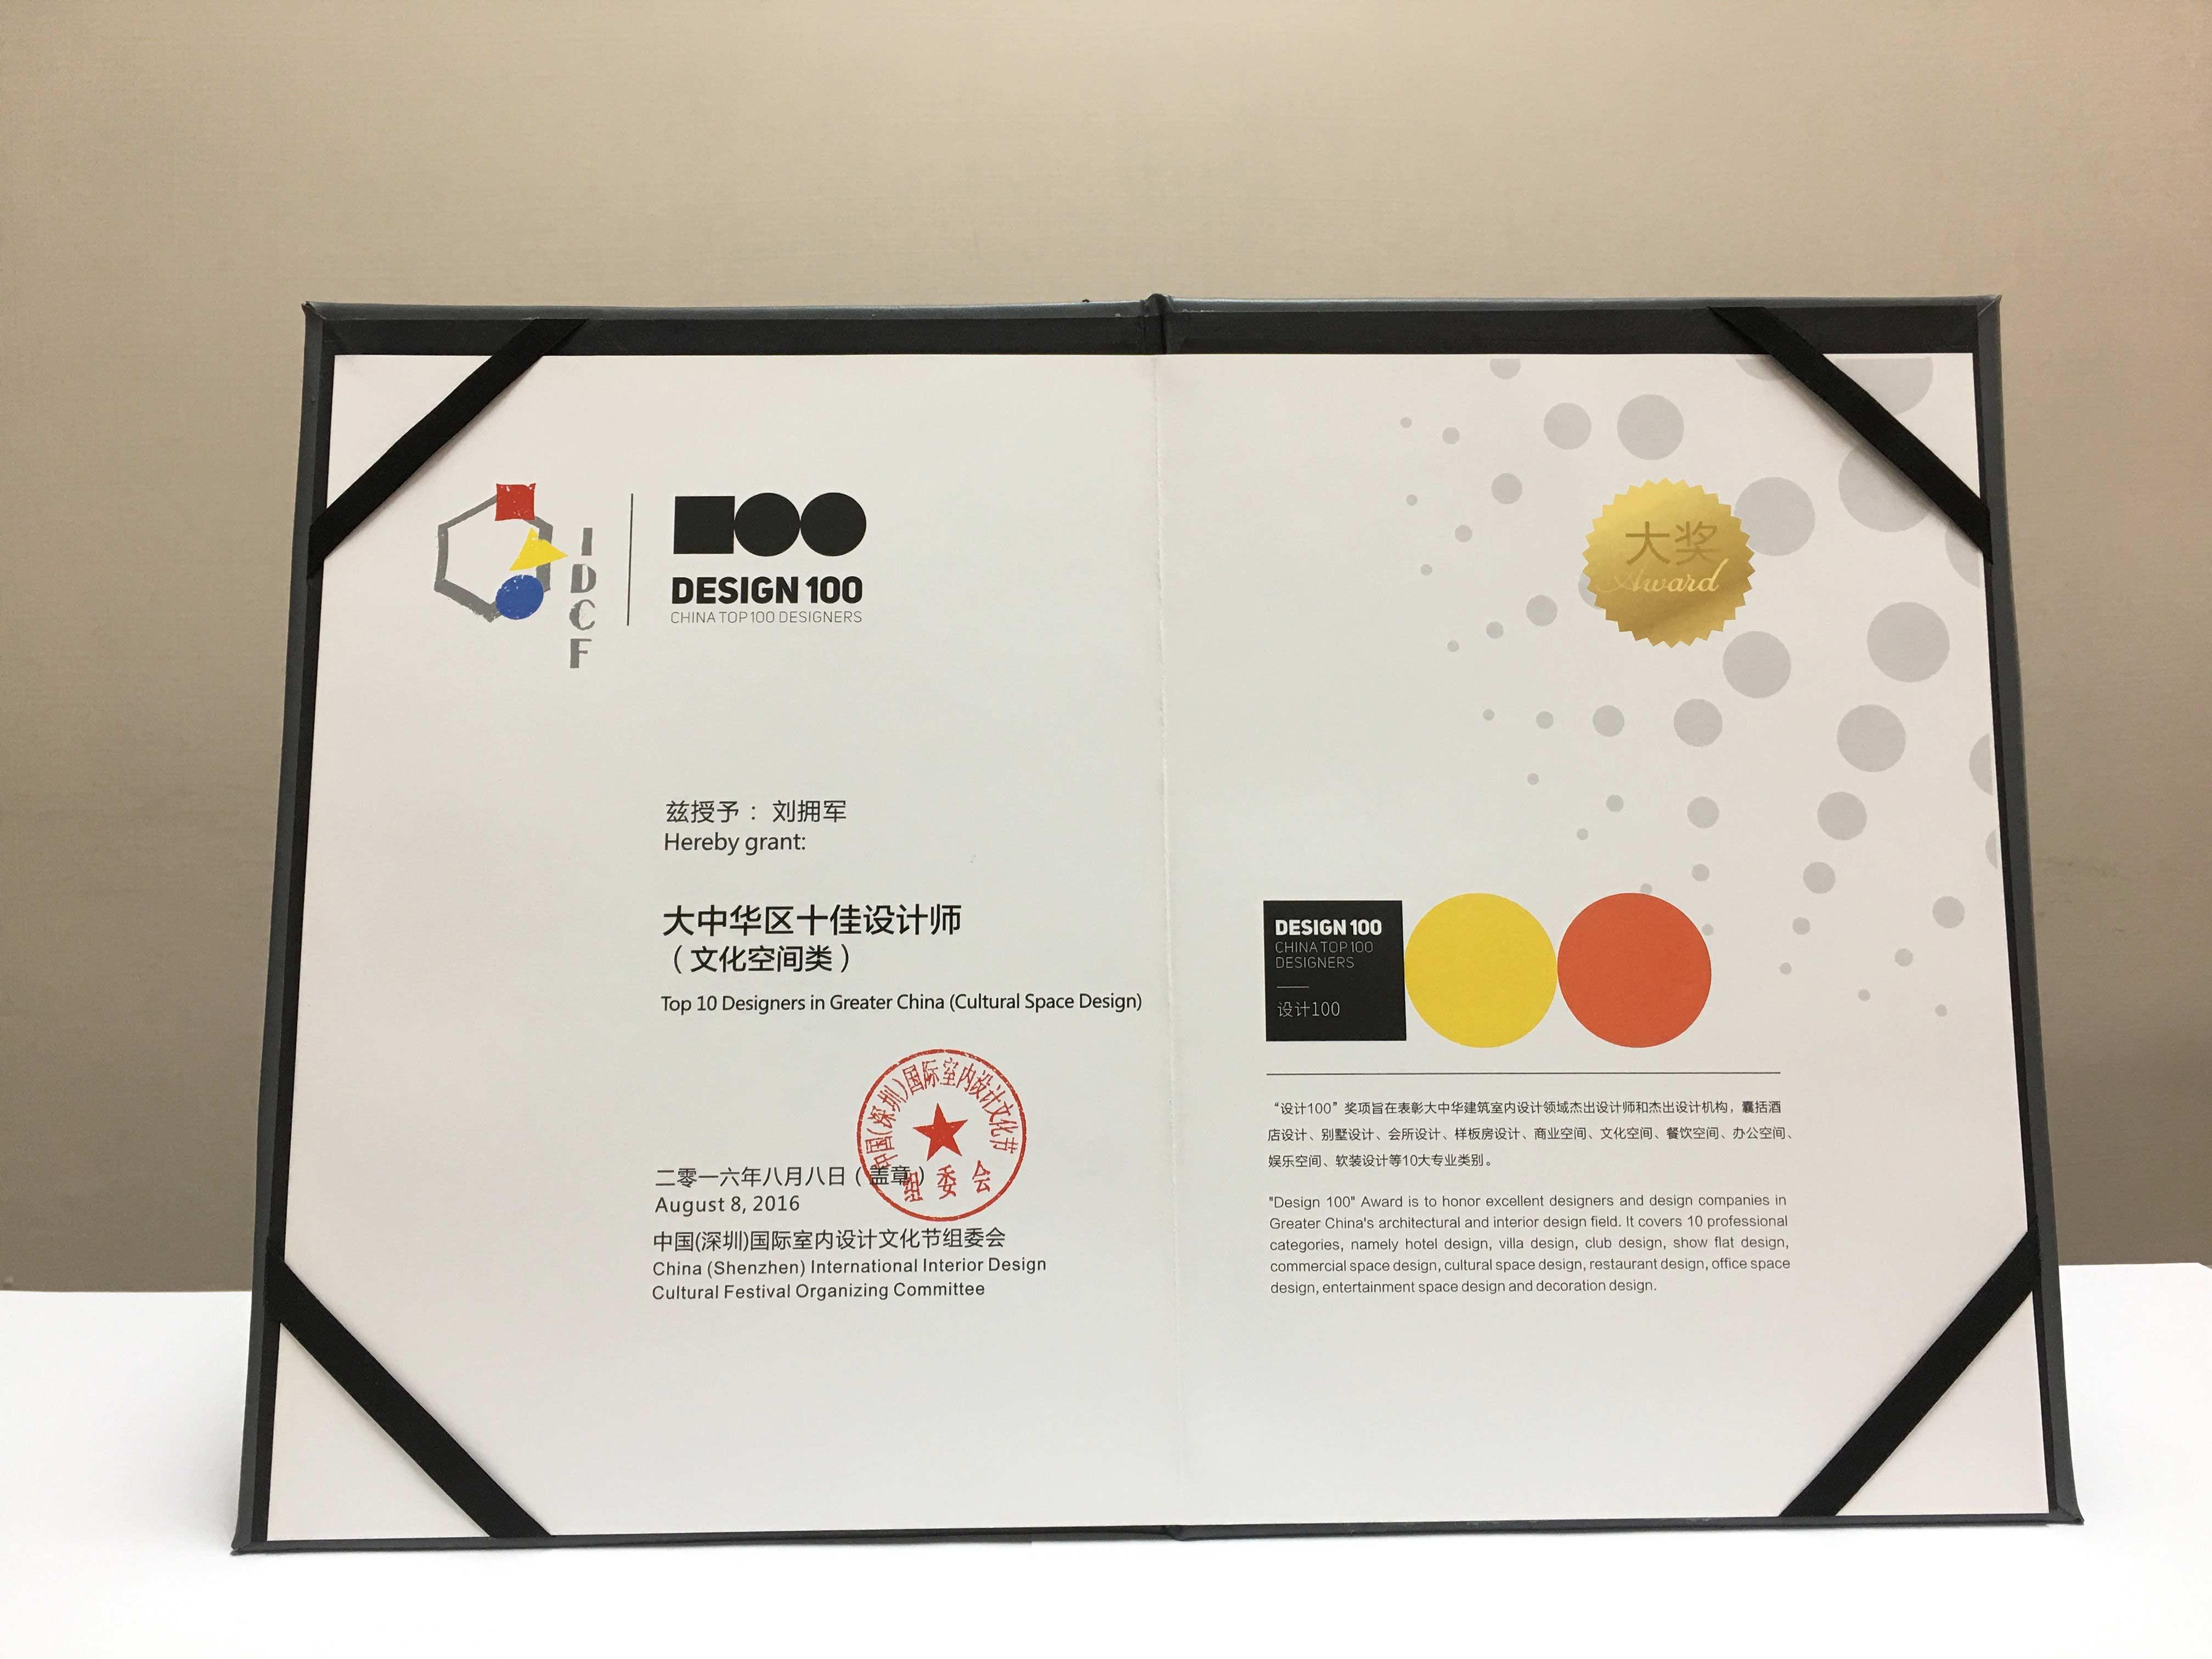 大中华区十佳设计师获奖证书